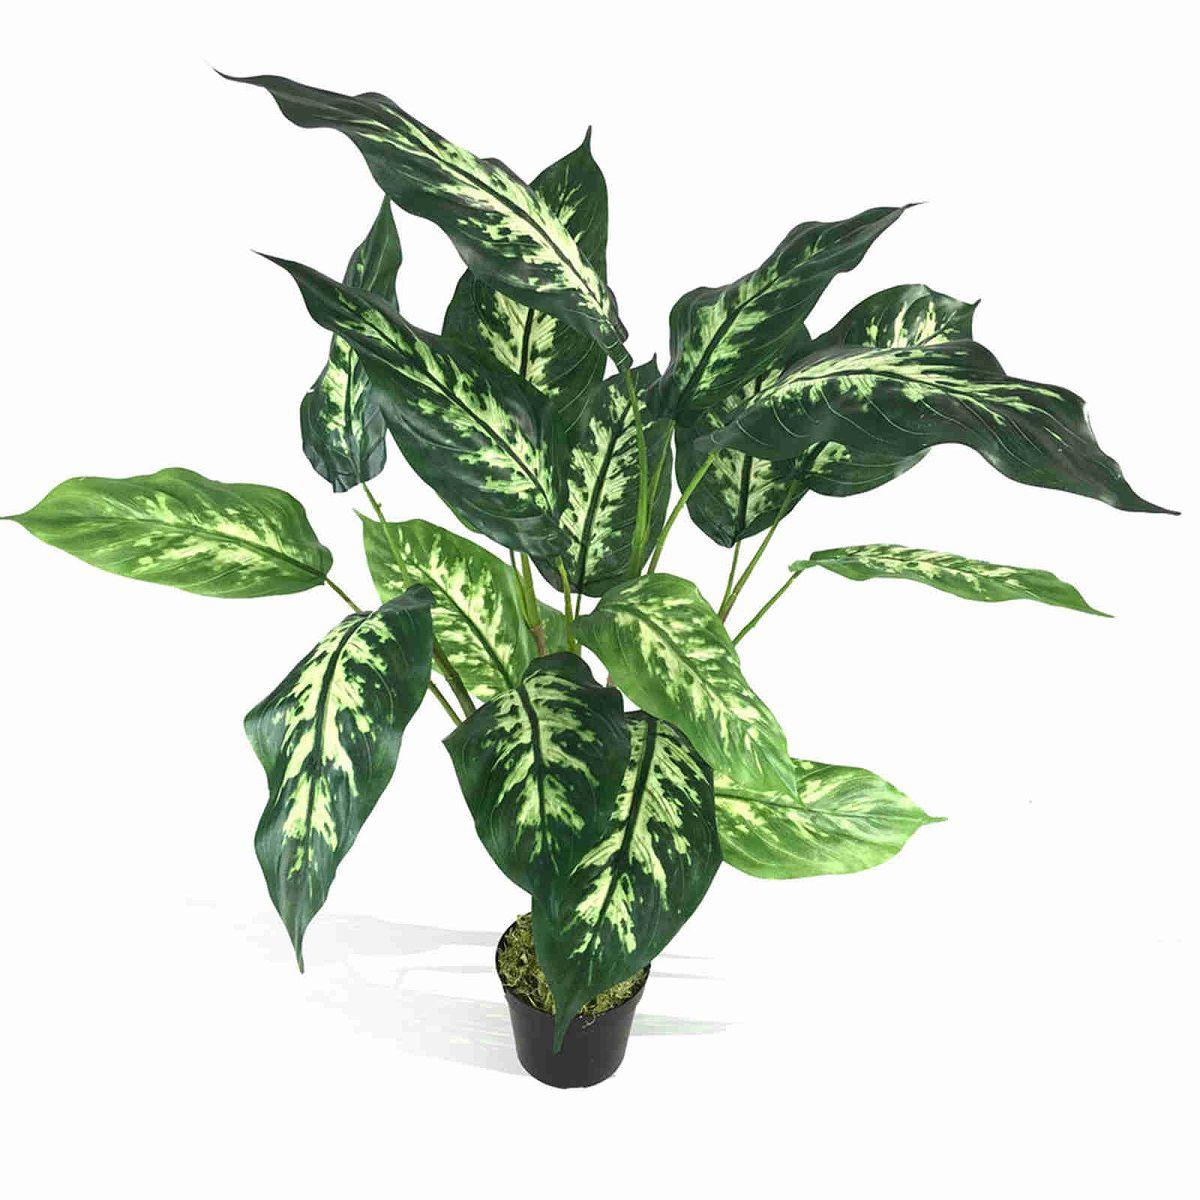 Kit de 6 plantas artificiais para decoração folhagem artificial 85 cm